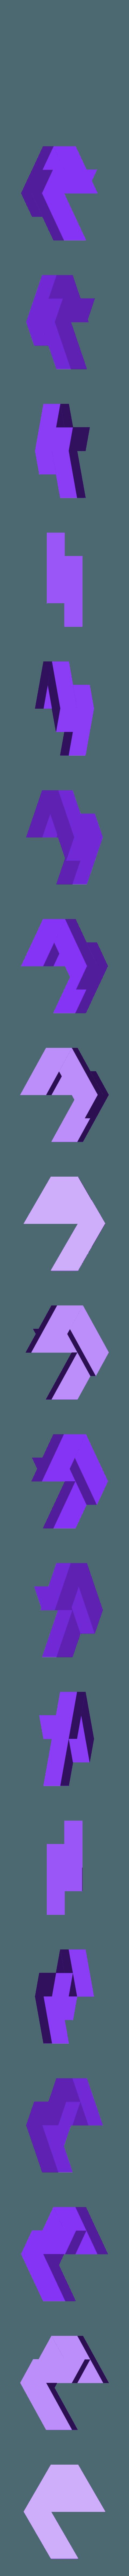 Hex_SubAssy1.stl Télécharger fichier STL gratuit Puzzle hexagonal • Modèle pour imprimante 3D, mtairymd